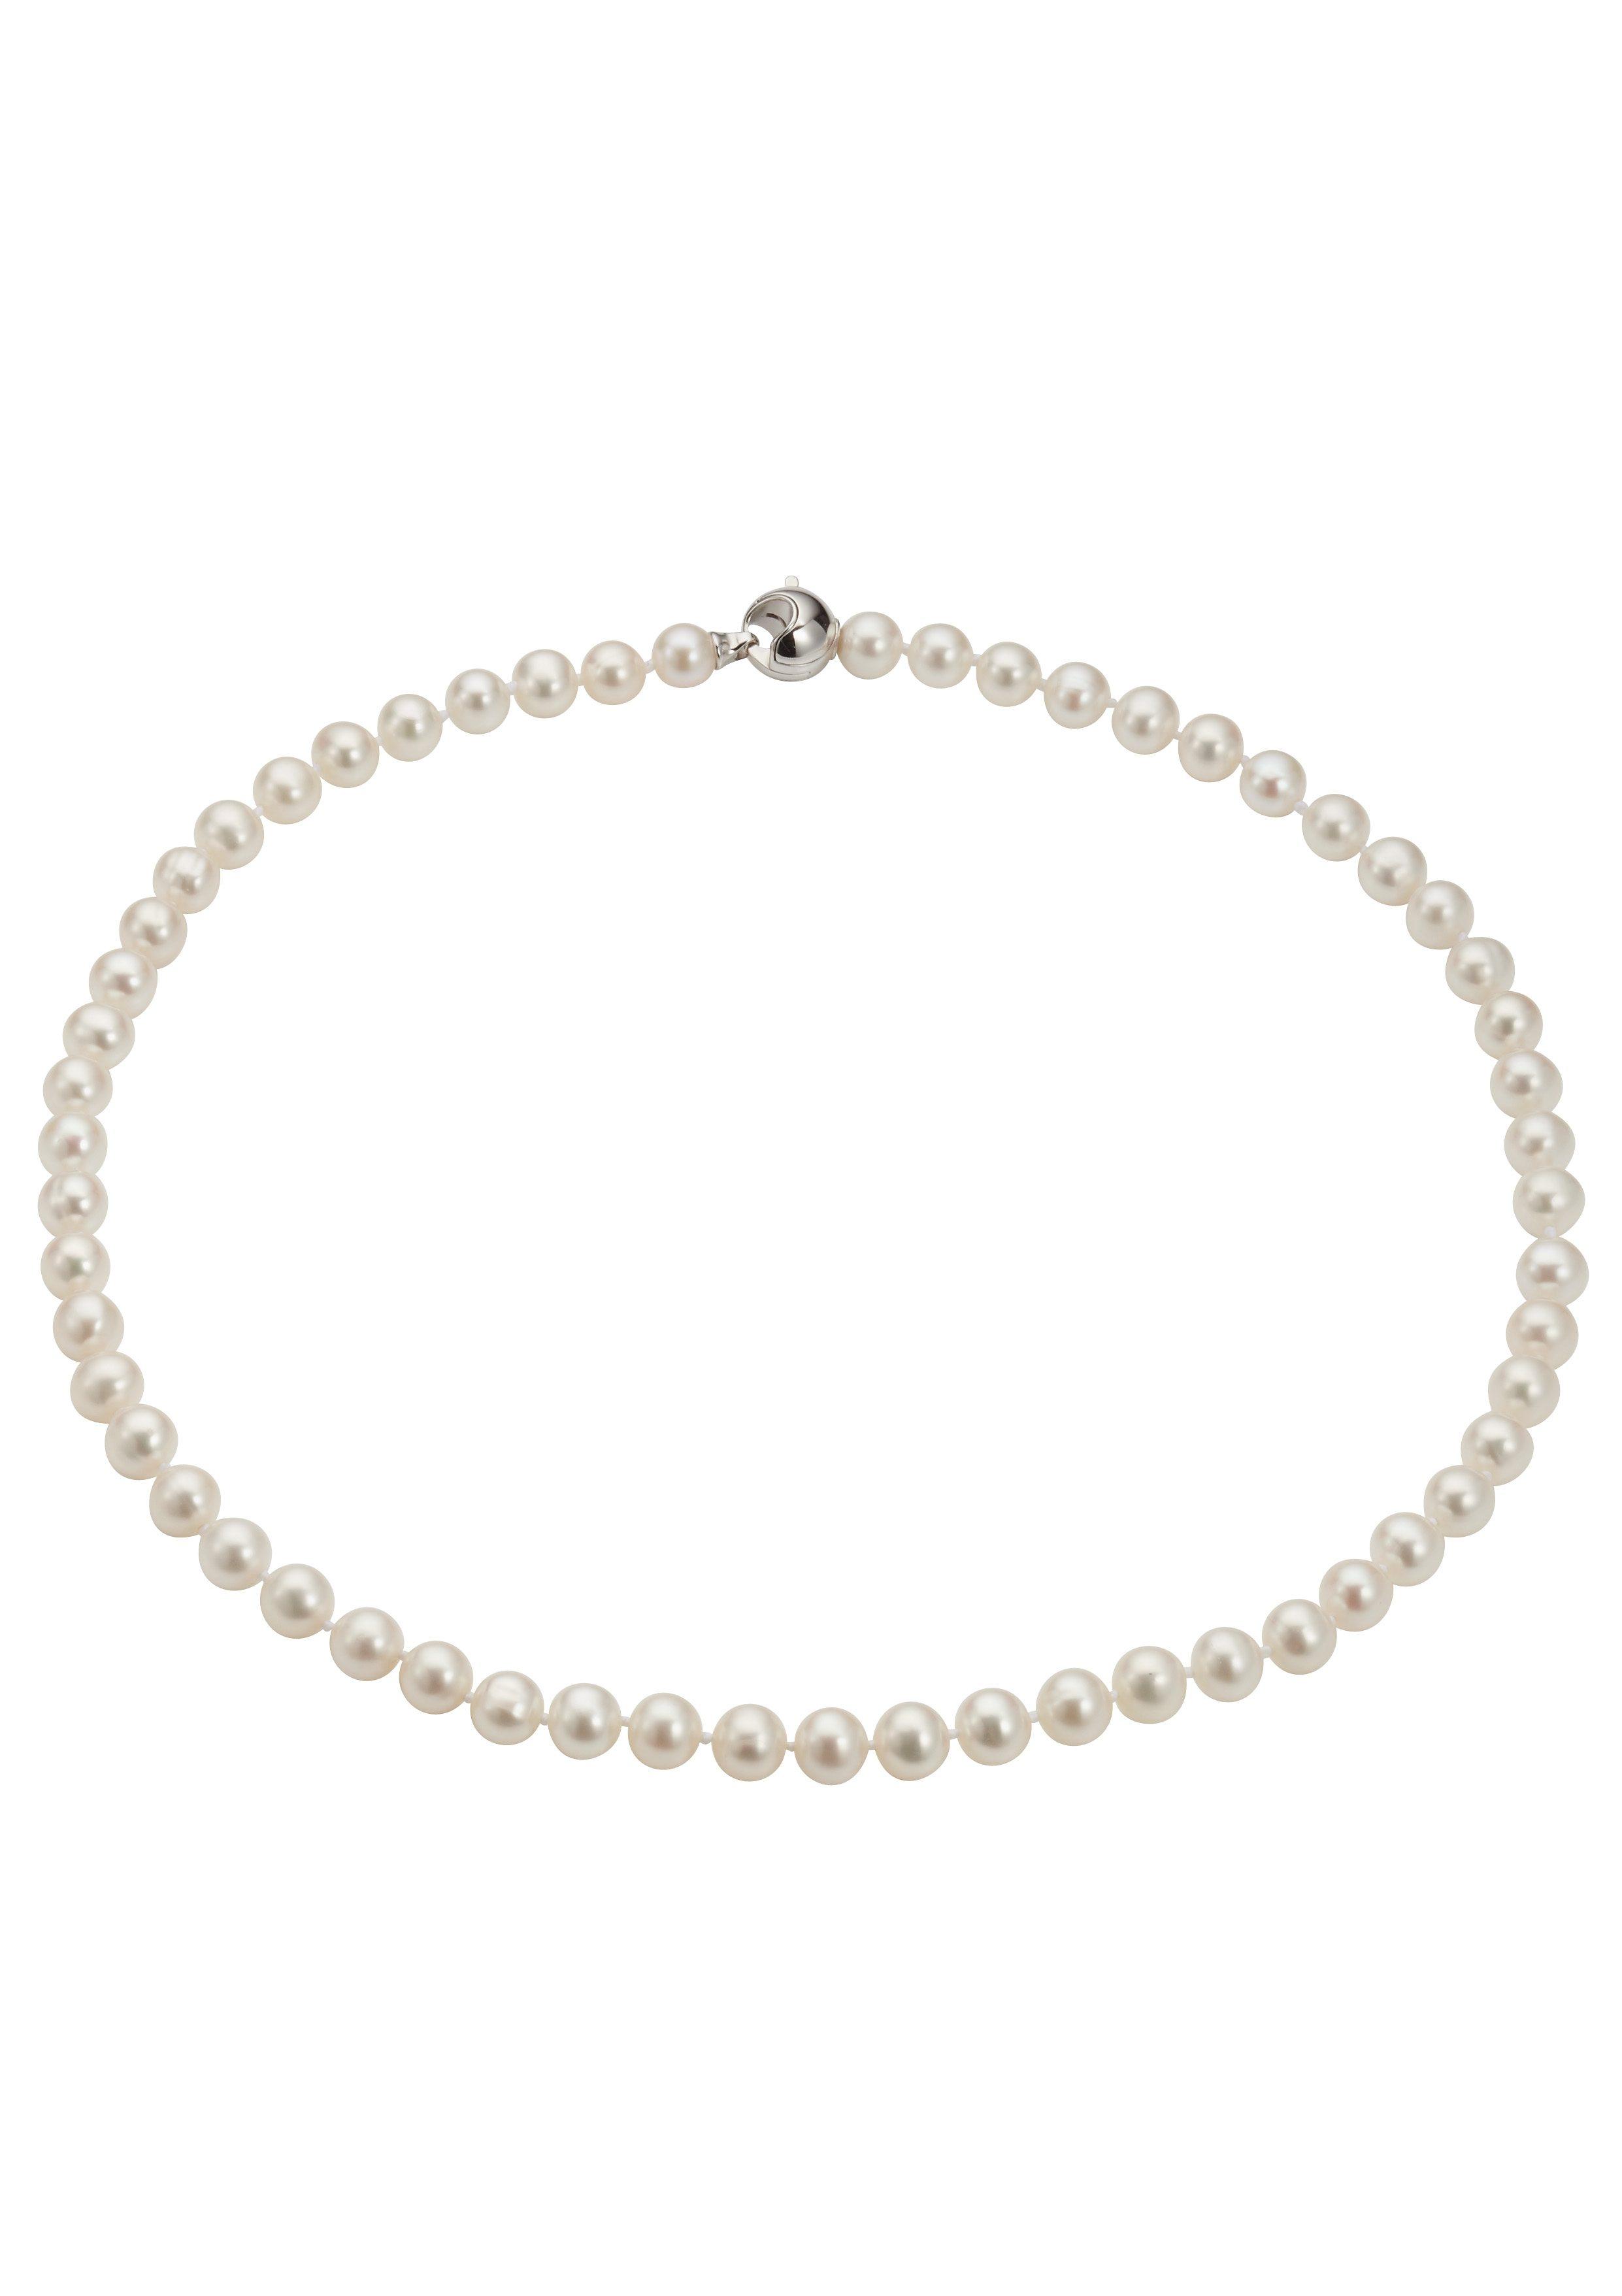 Adriana Perlenkette »La mia perla, A2839-KSW70-SIR/Ba«, mit Süßwasserzuchtperlen